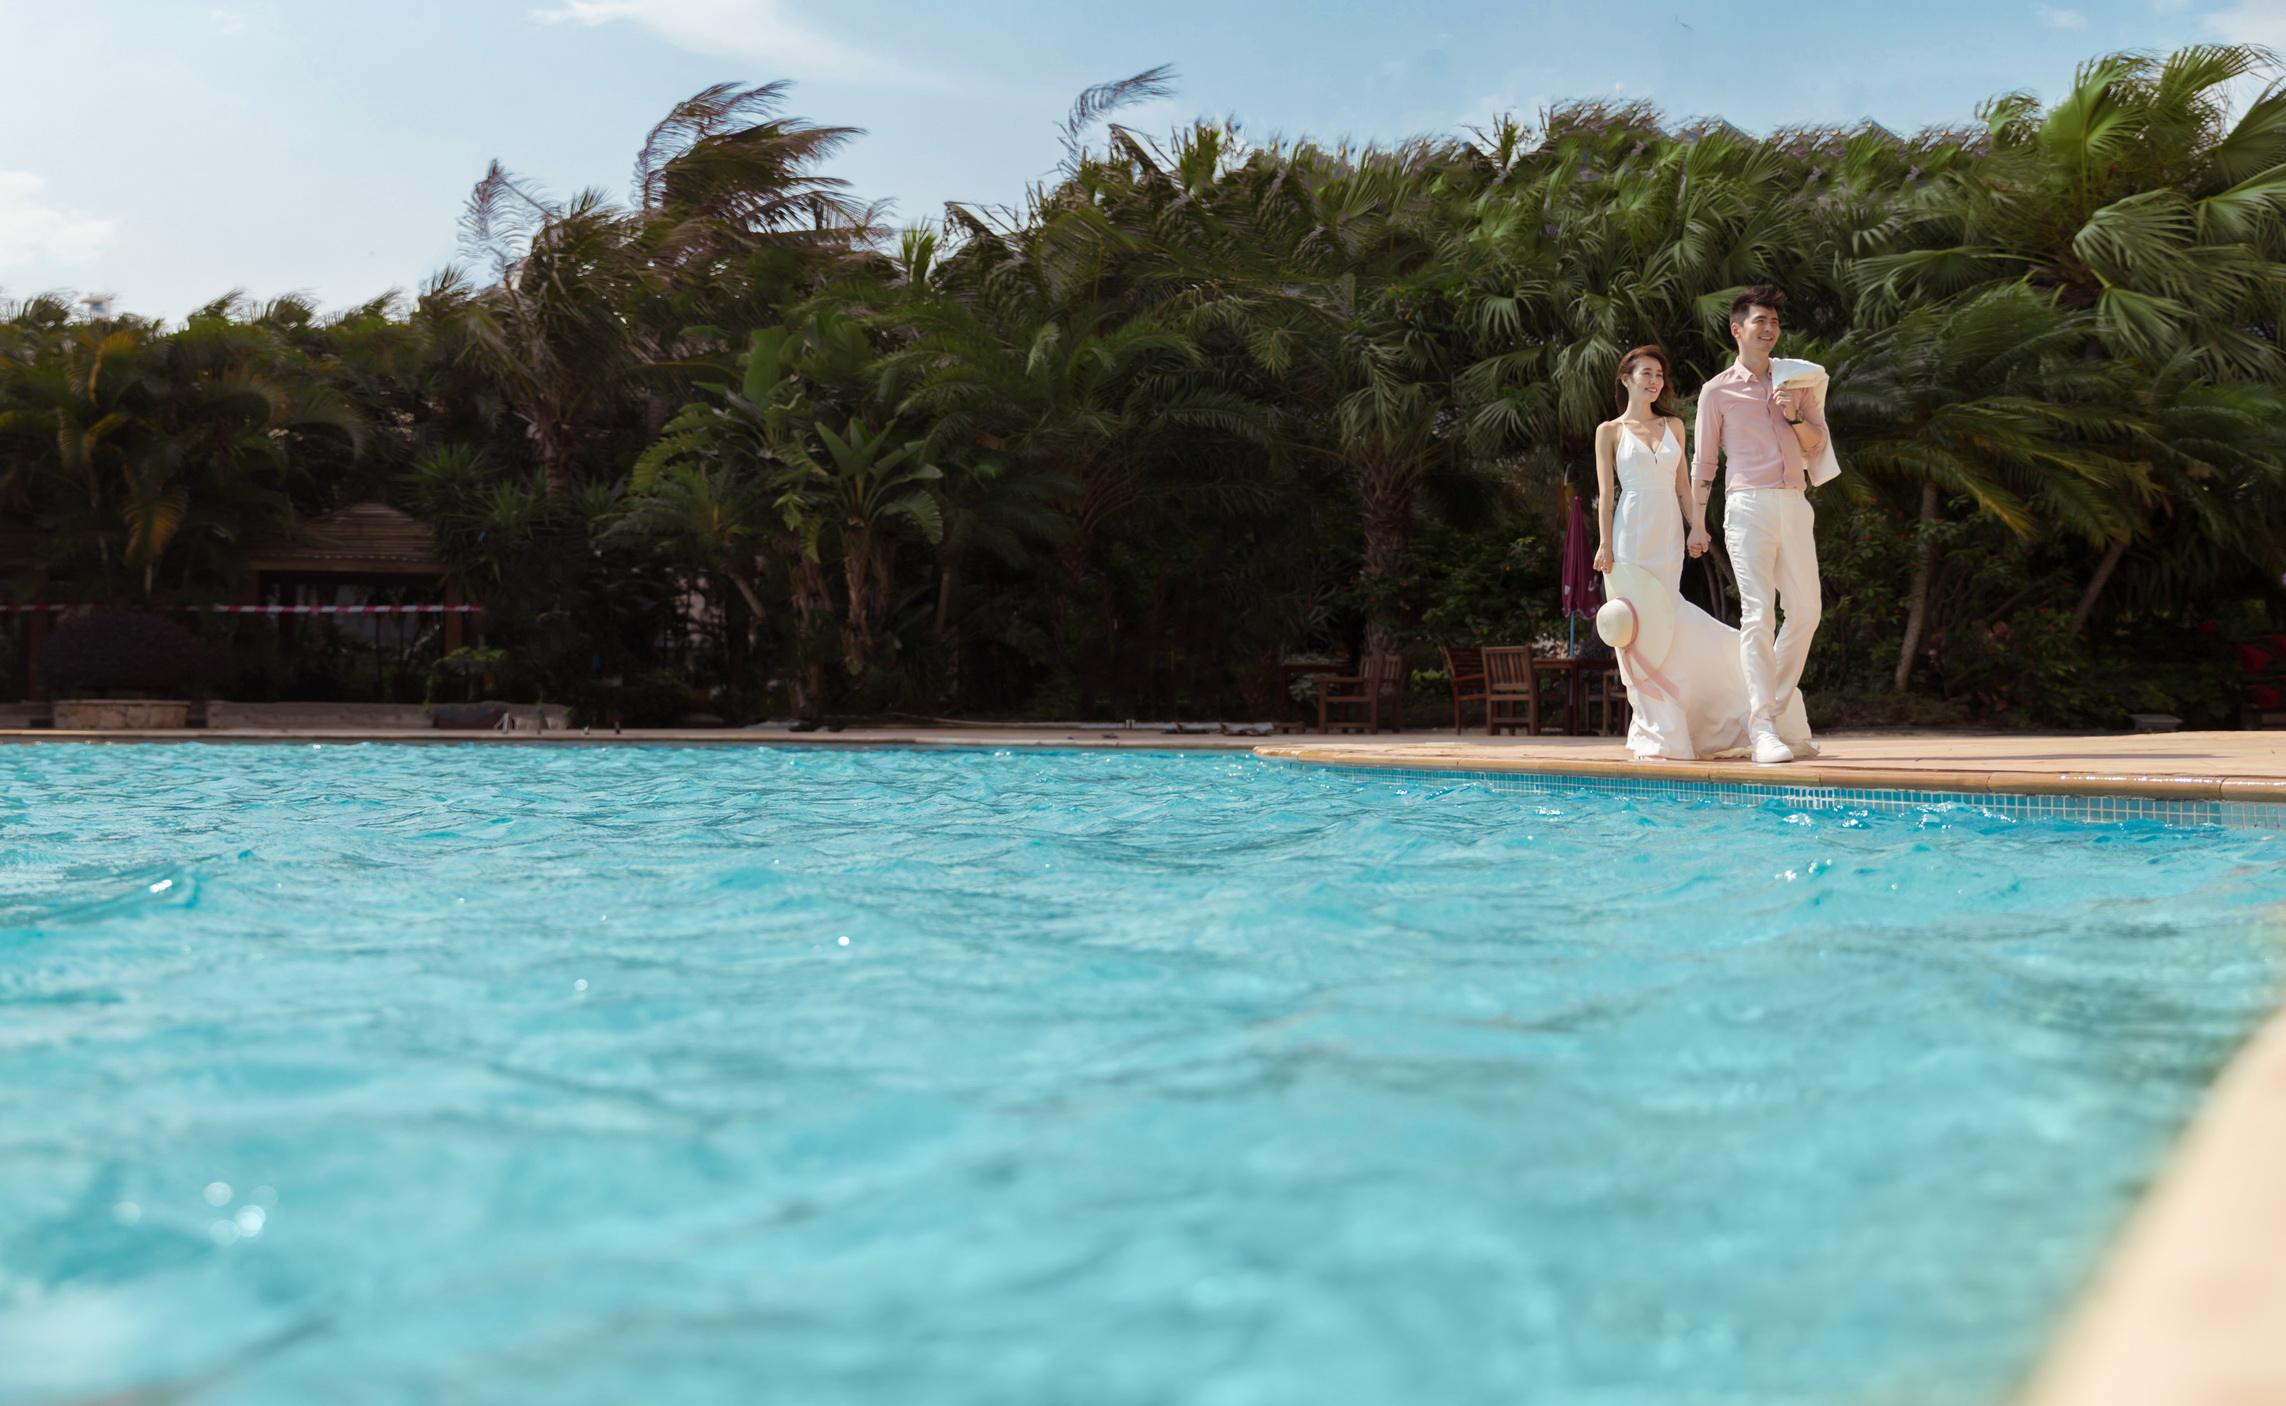 泳池水泵和泳池过滤设备日常怎么维护和保养